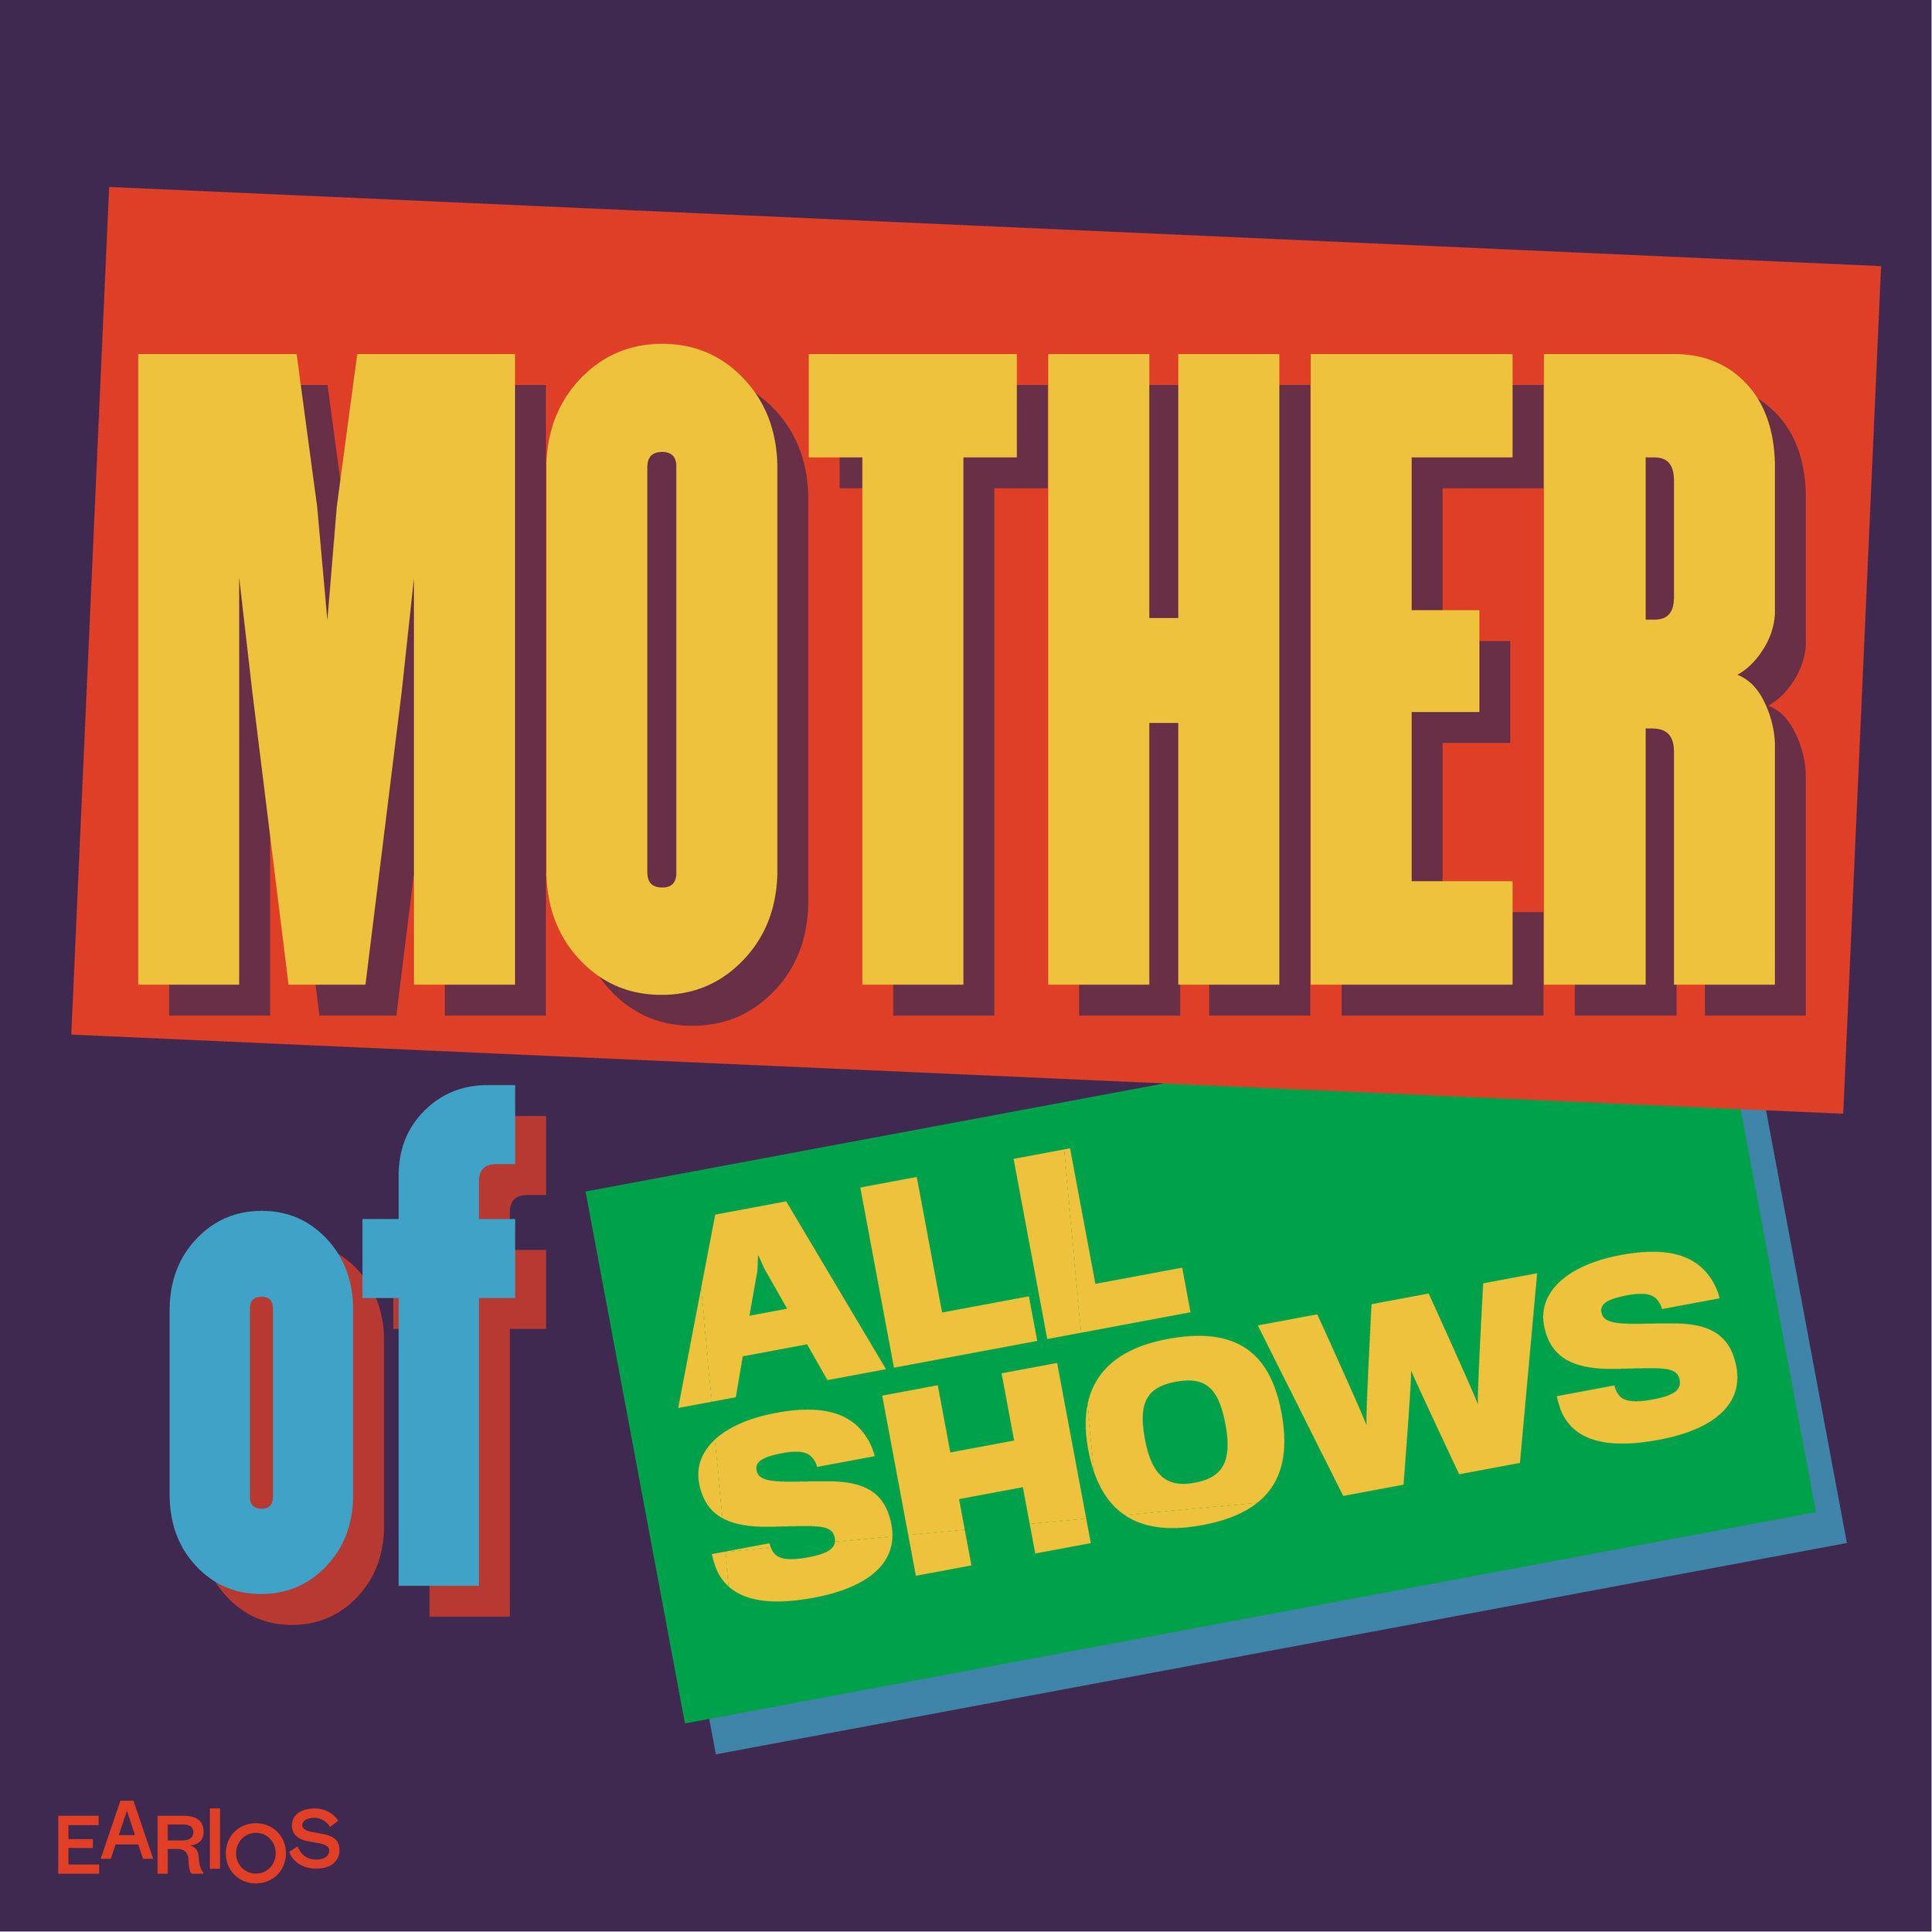 MotherOfAllShows.jpg